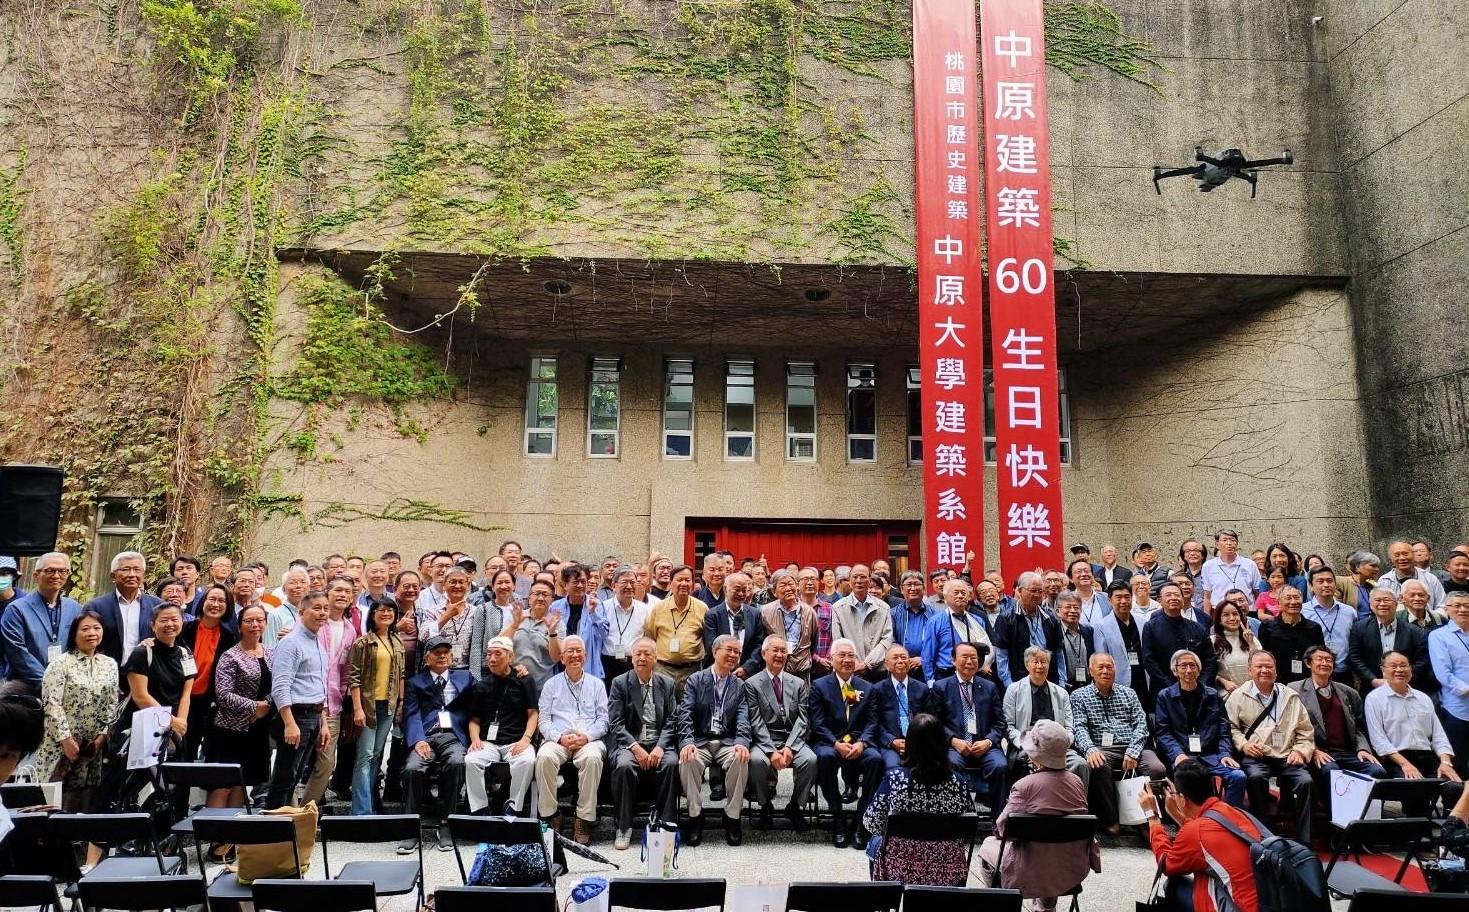 中原建築歡度60周年系慶 建築系館「歷史建築」啟動 見證歷史